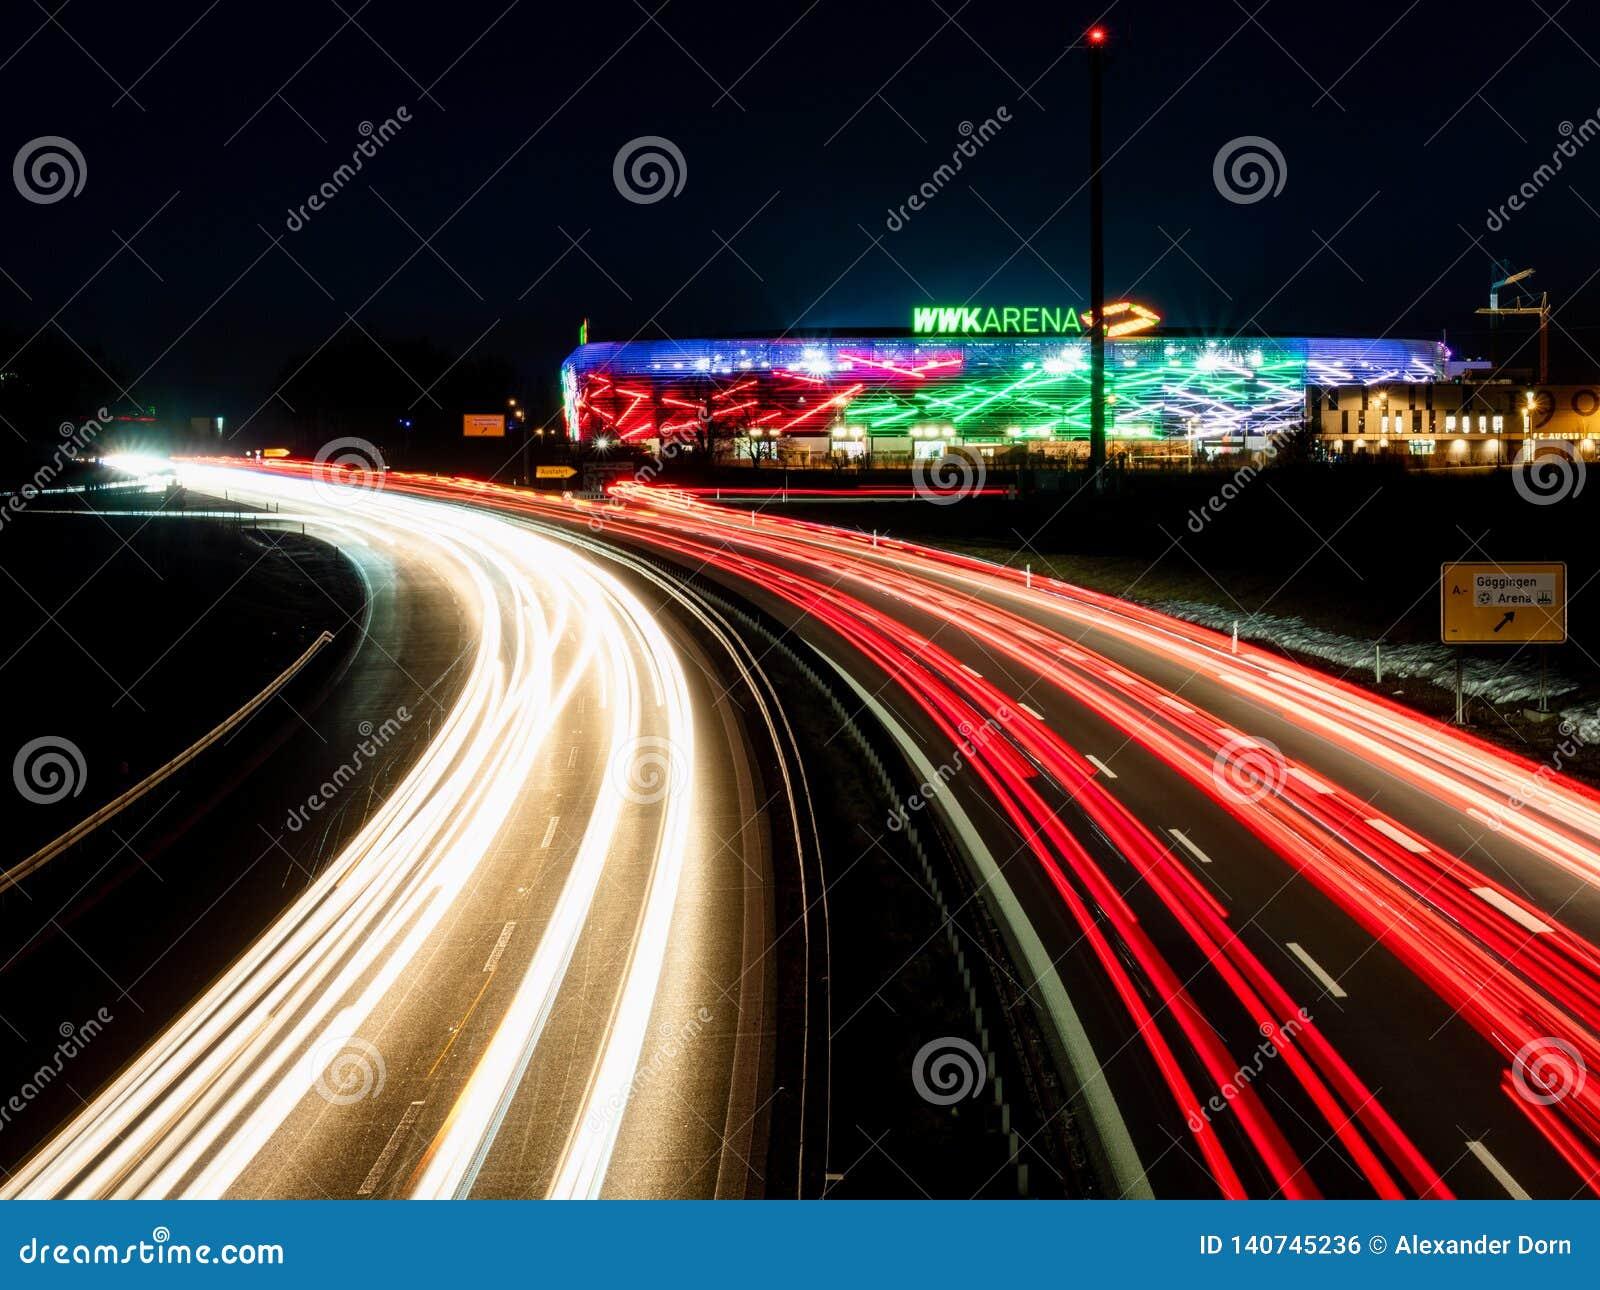 Augsburski, Niemcy Luty 16 2019: Widok na WWK arenie piłki nożnej stadion FC Augsburski od autostrada mostu